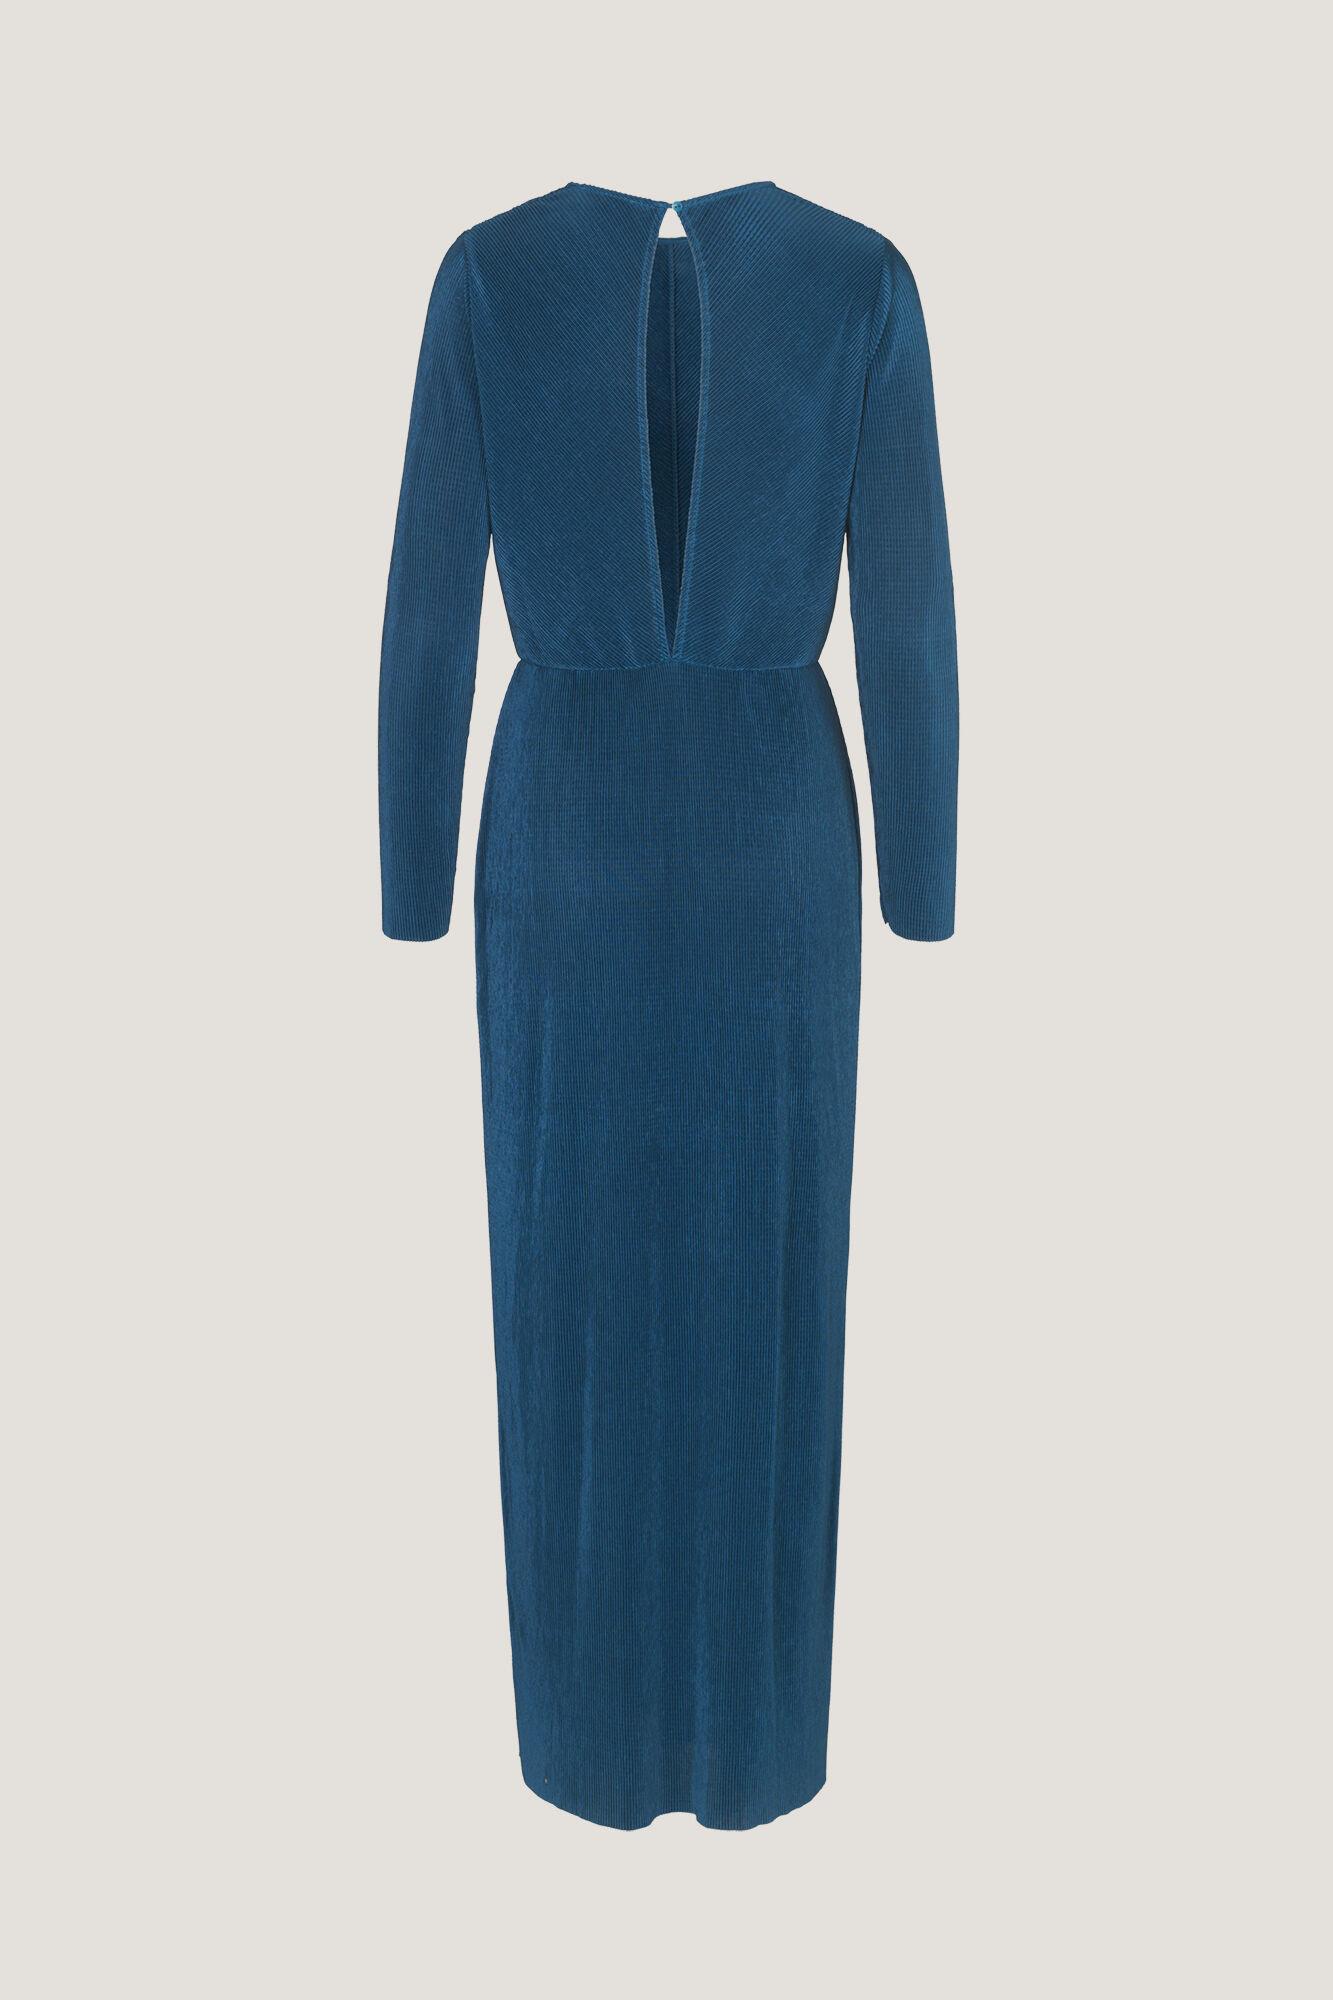 Olea Long dress Samsoe Samsoe-2